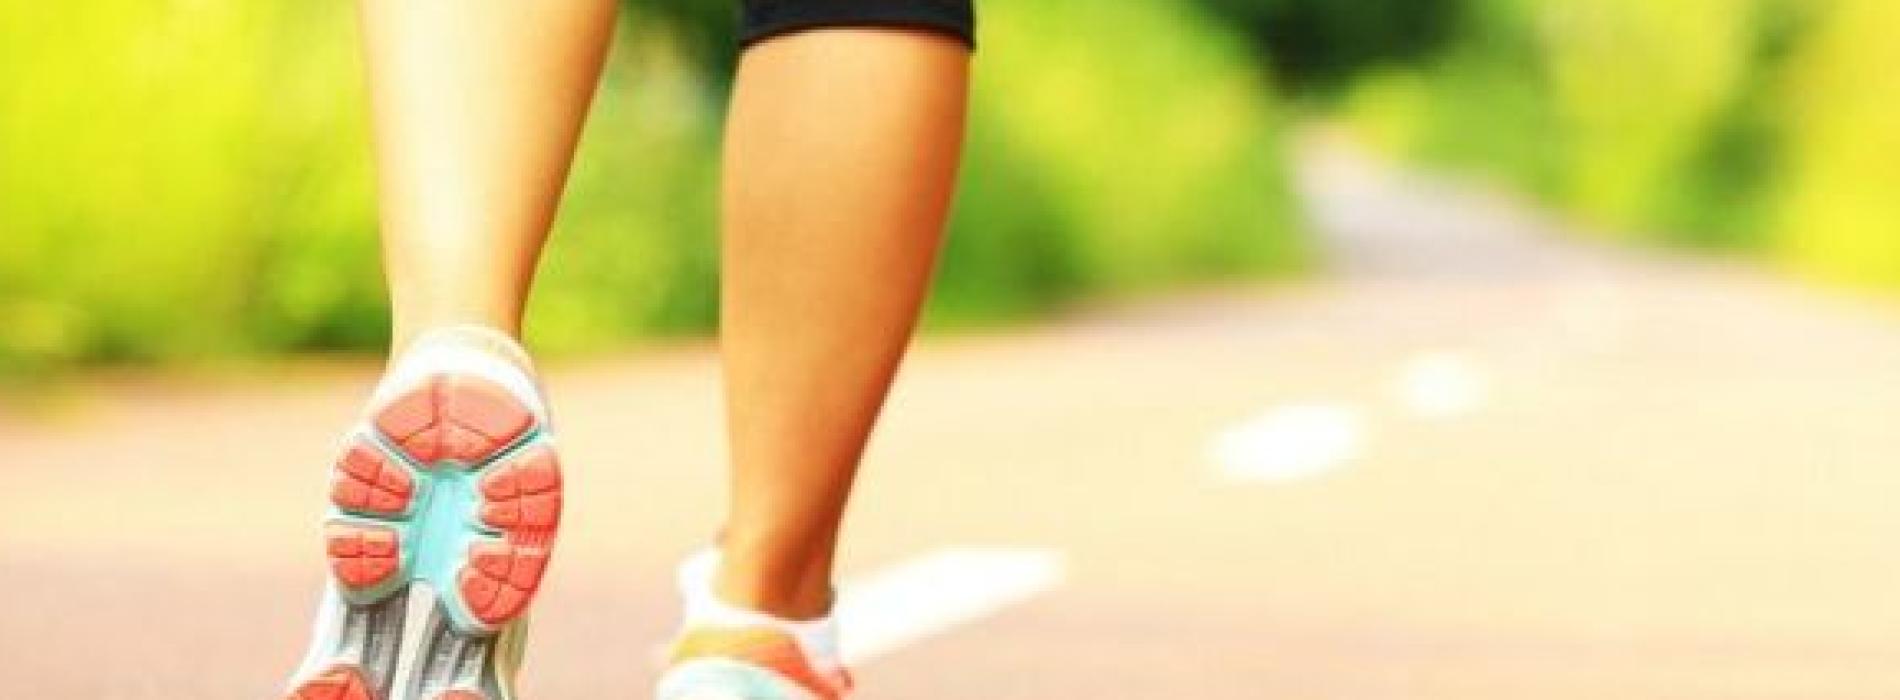 Camminare fa bene al benessere fisico e psicologico